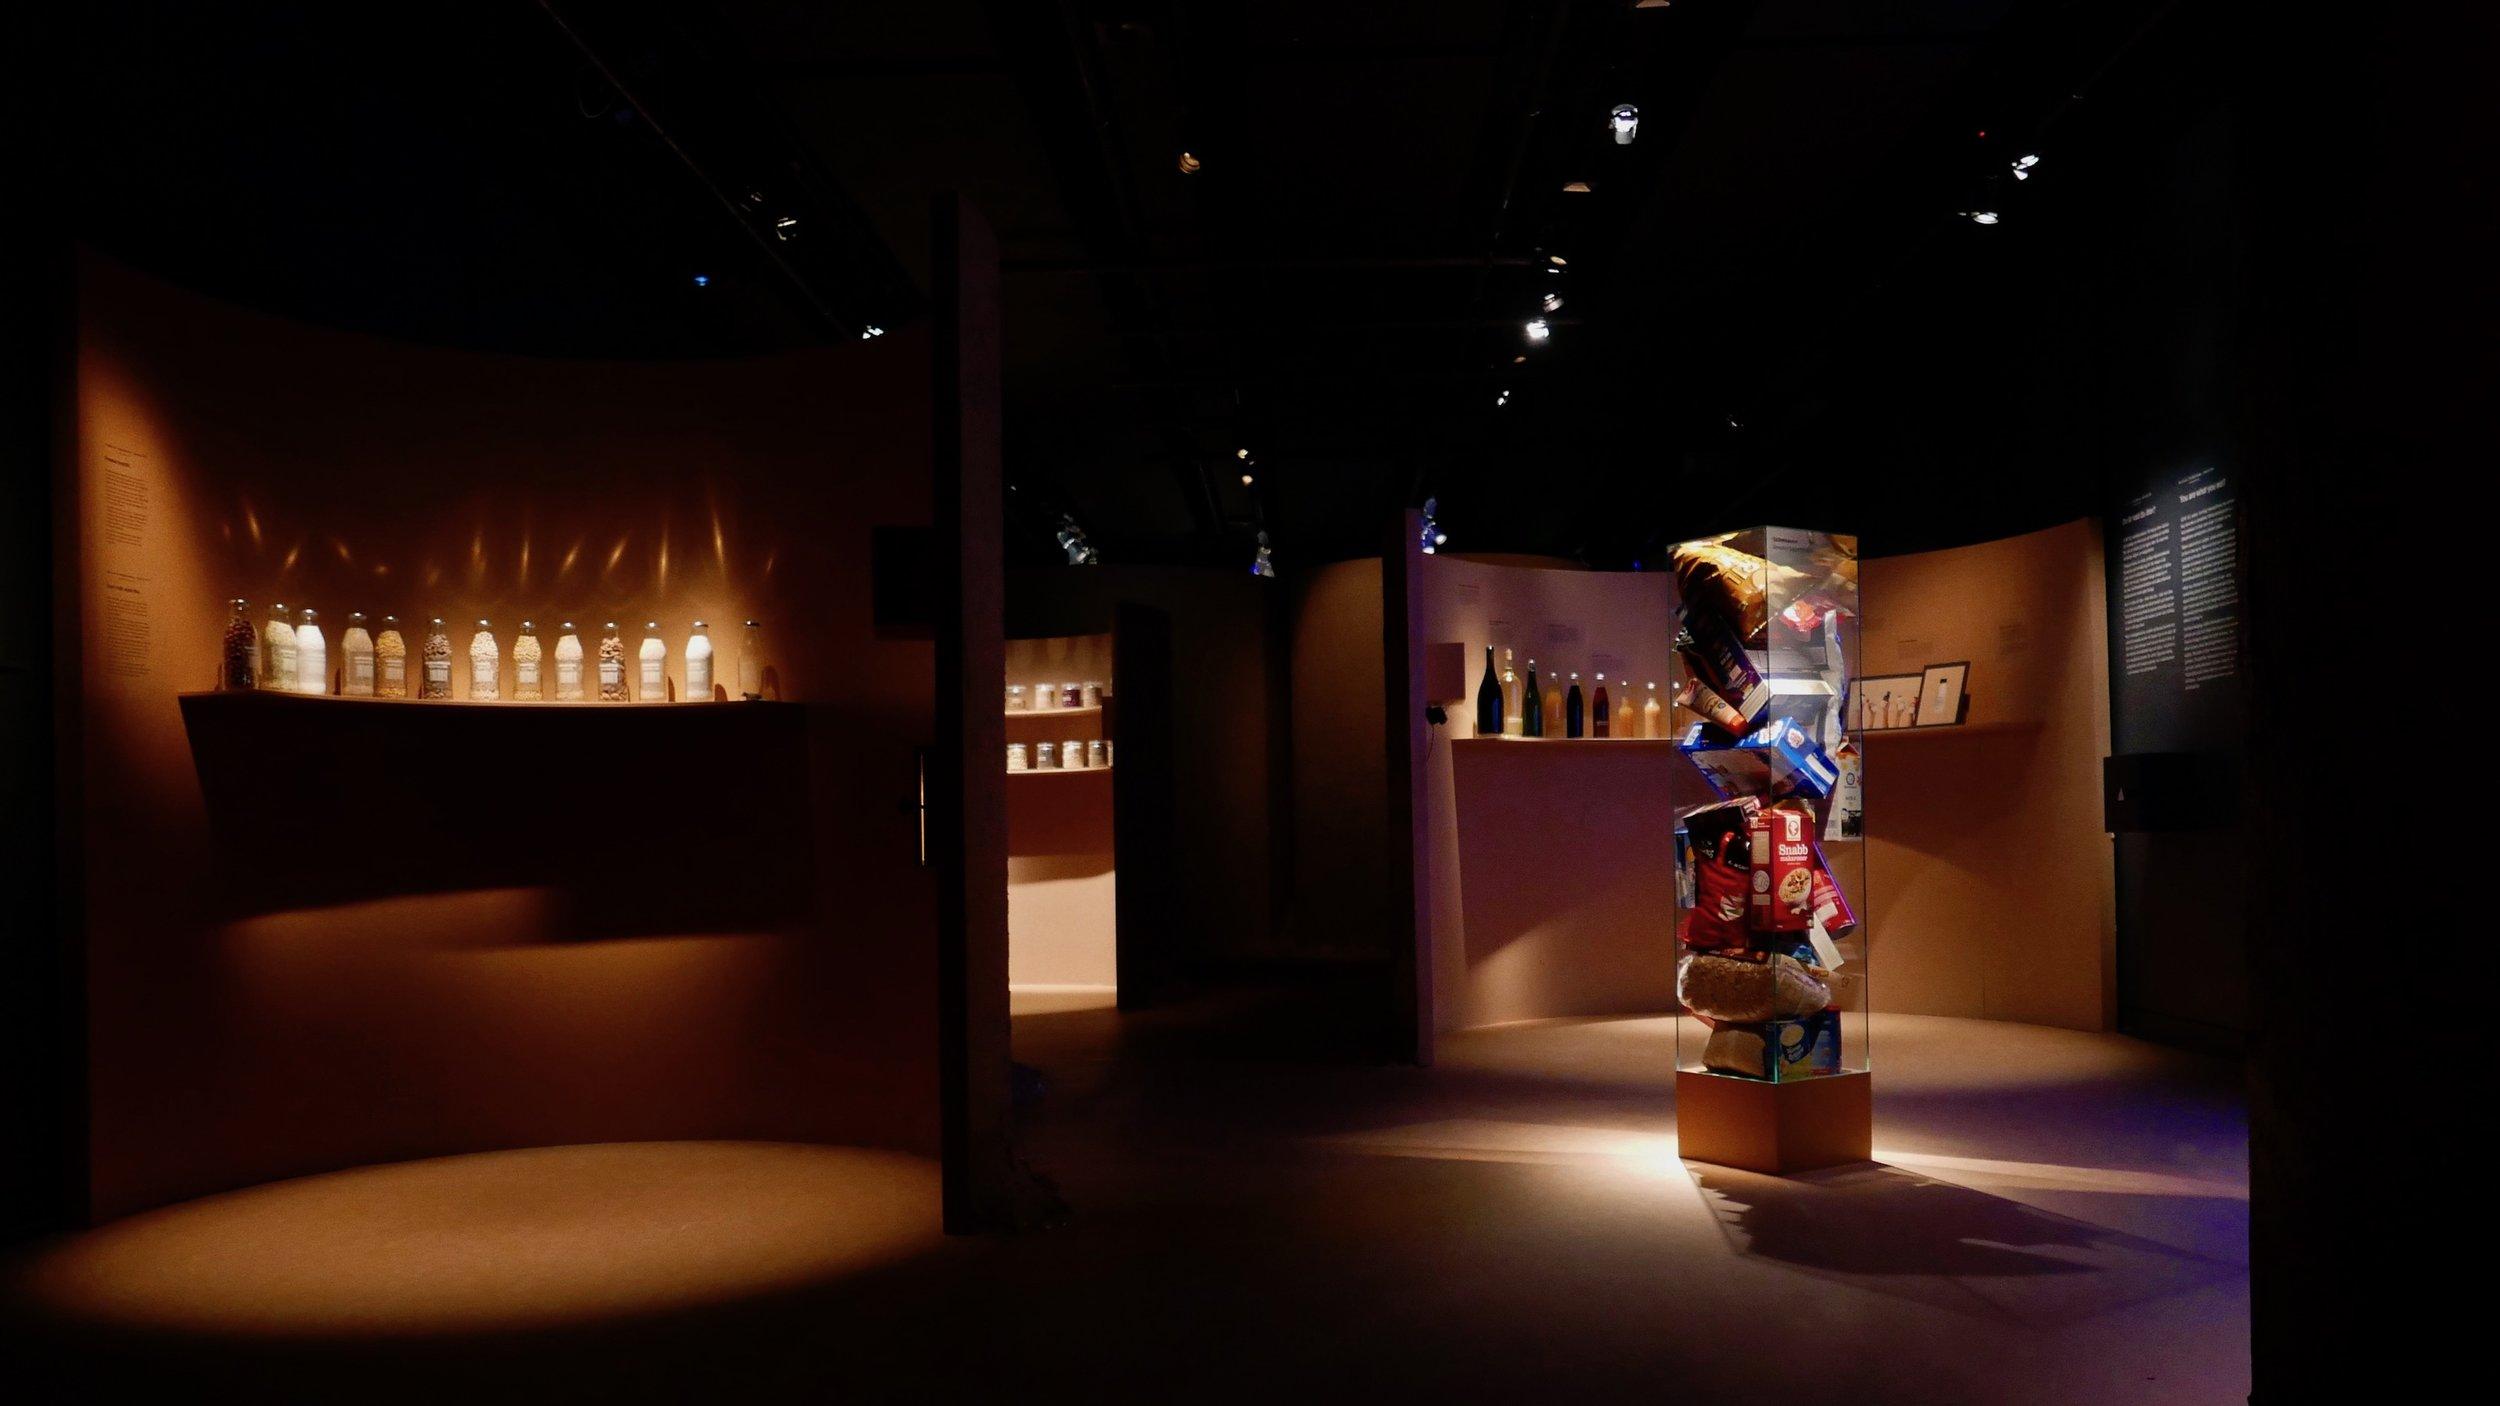 framtidensmd_occ88verblick_spritmuseum-3200x1800.jpg